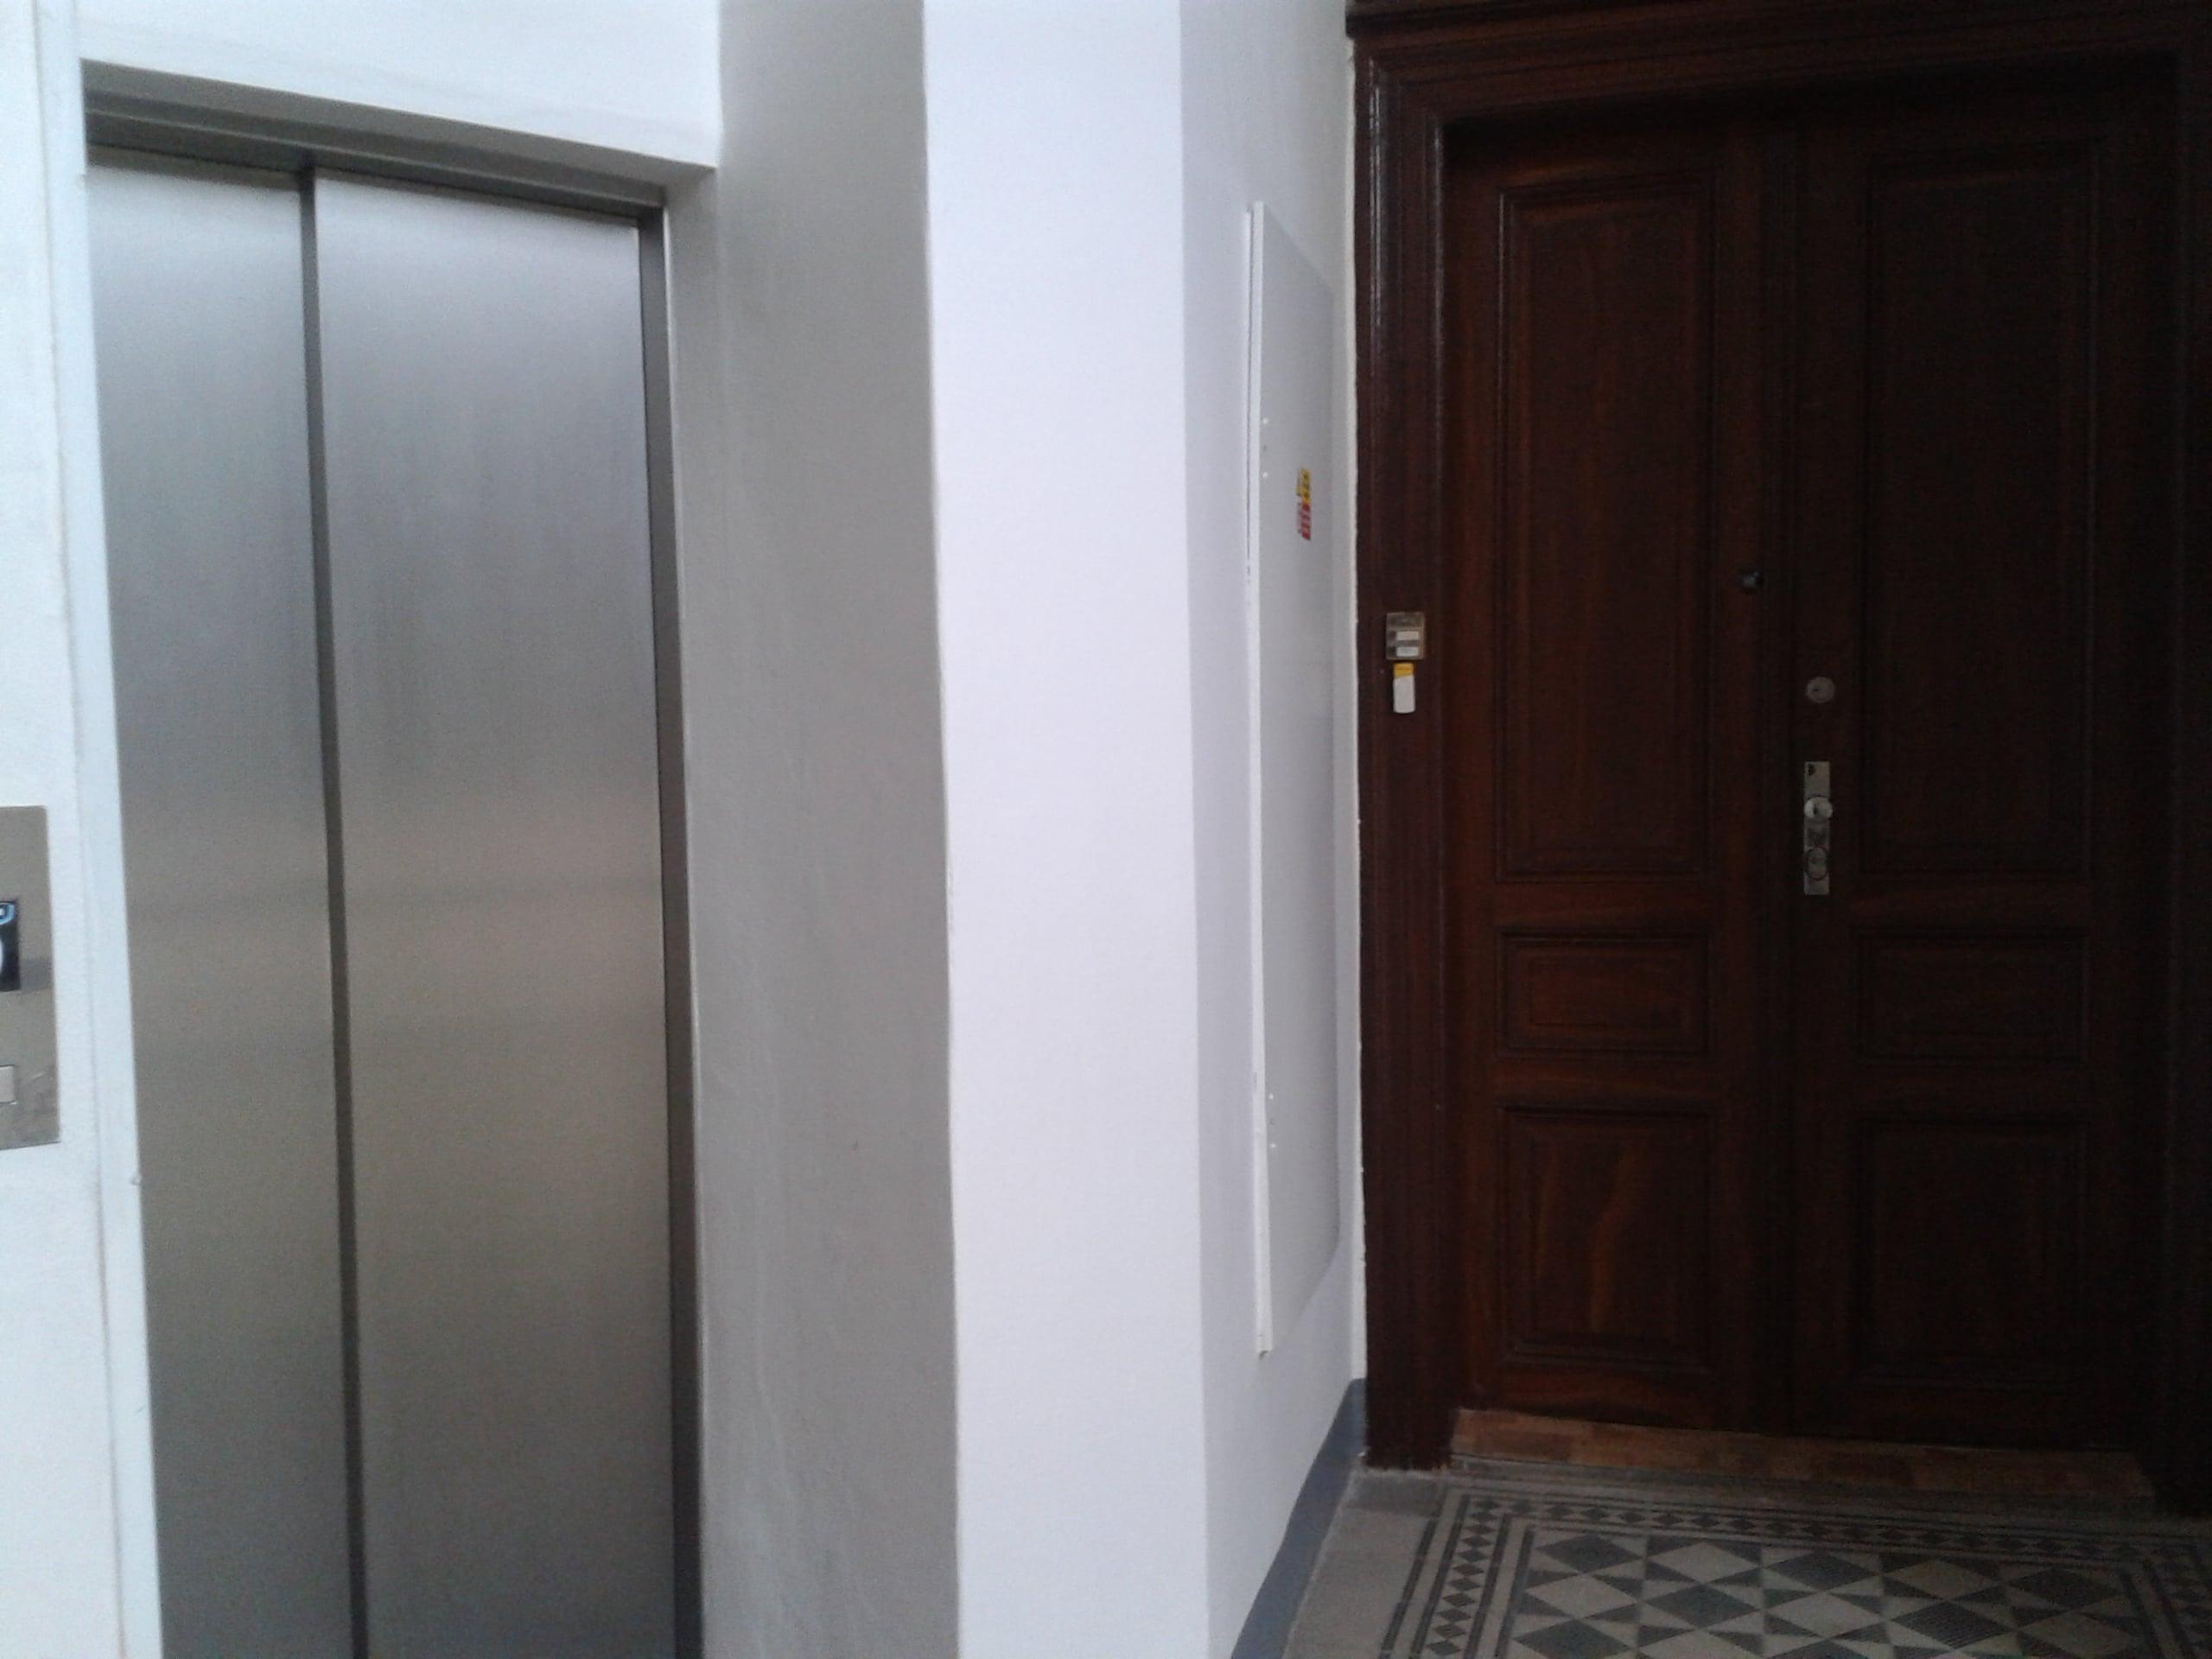 למכירה דירת 3+kk יפהפיה בפראג 1 העיר החדשה (54)